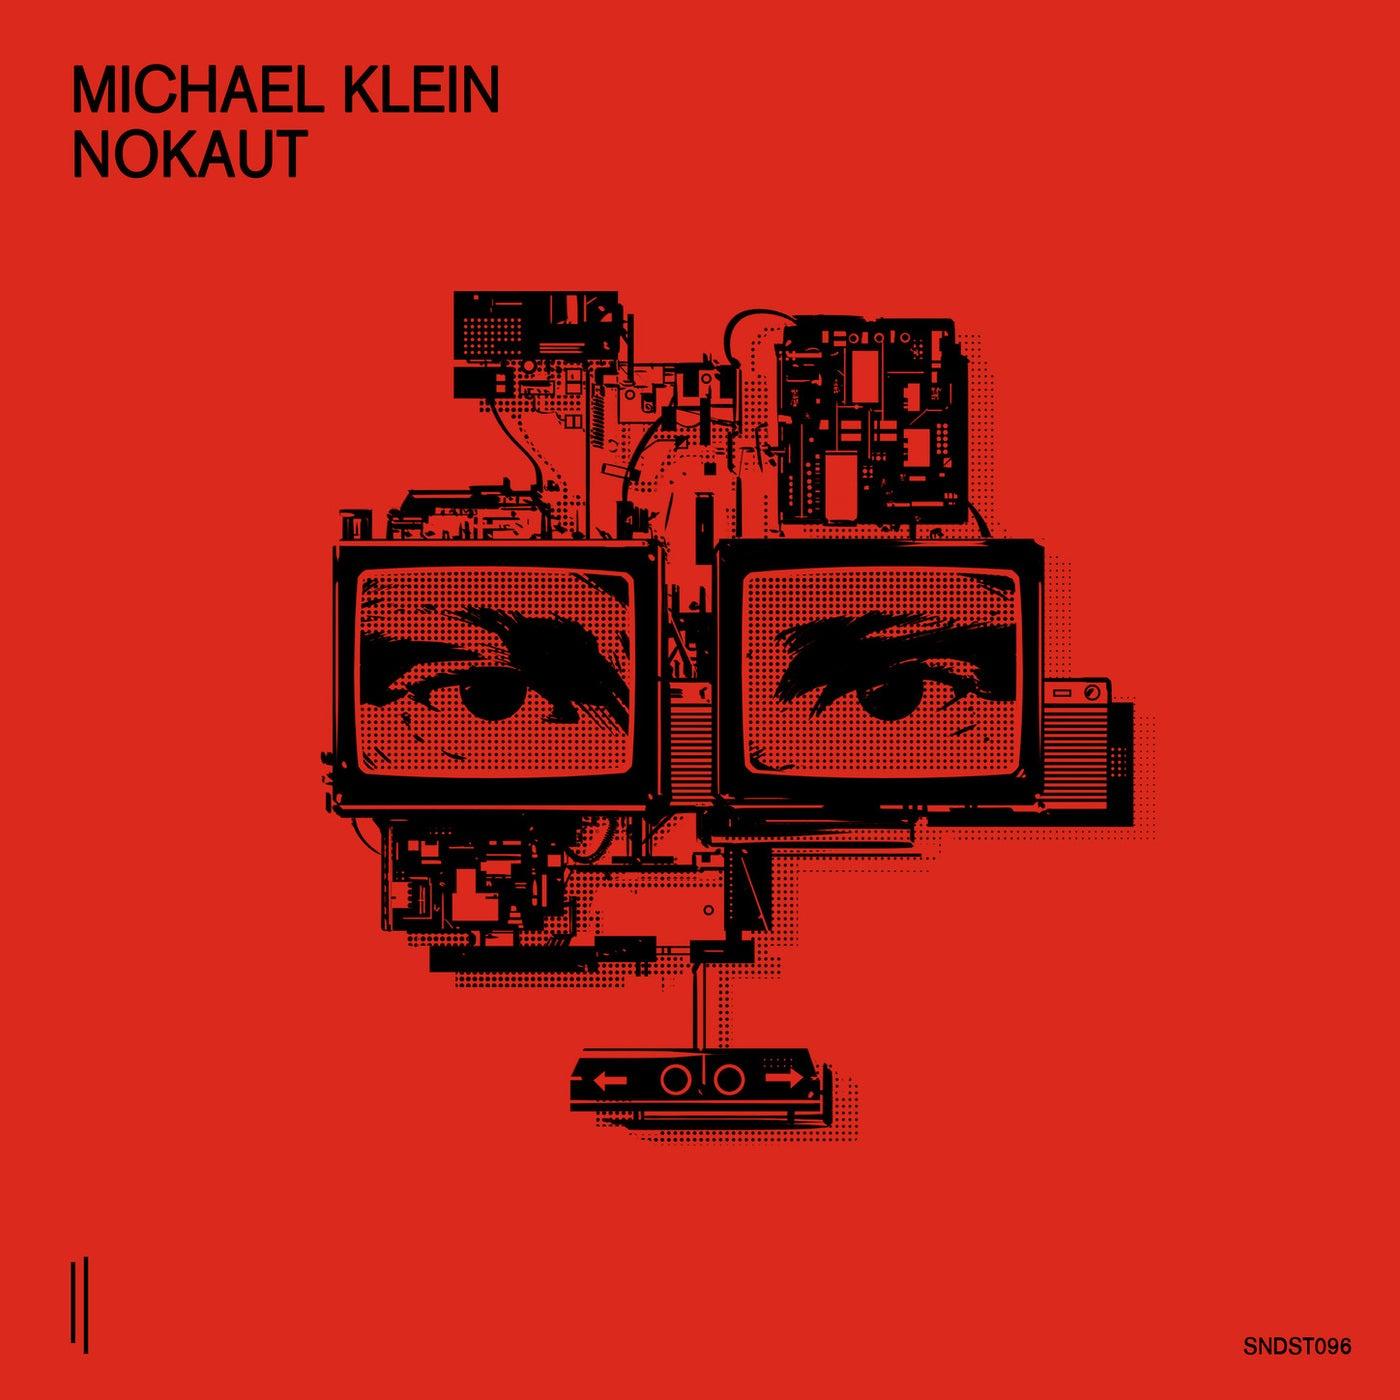 Nokaut (Original Mix)